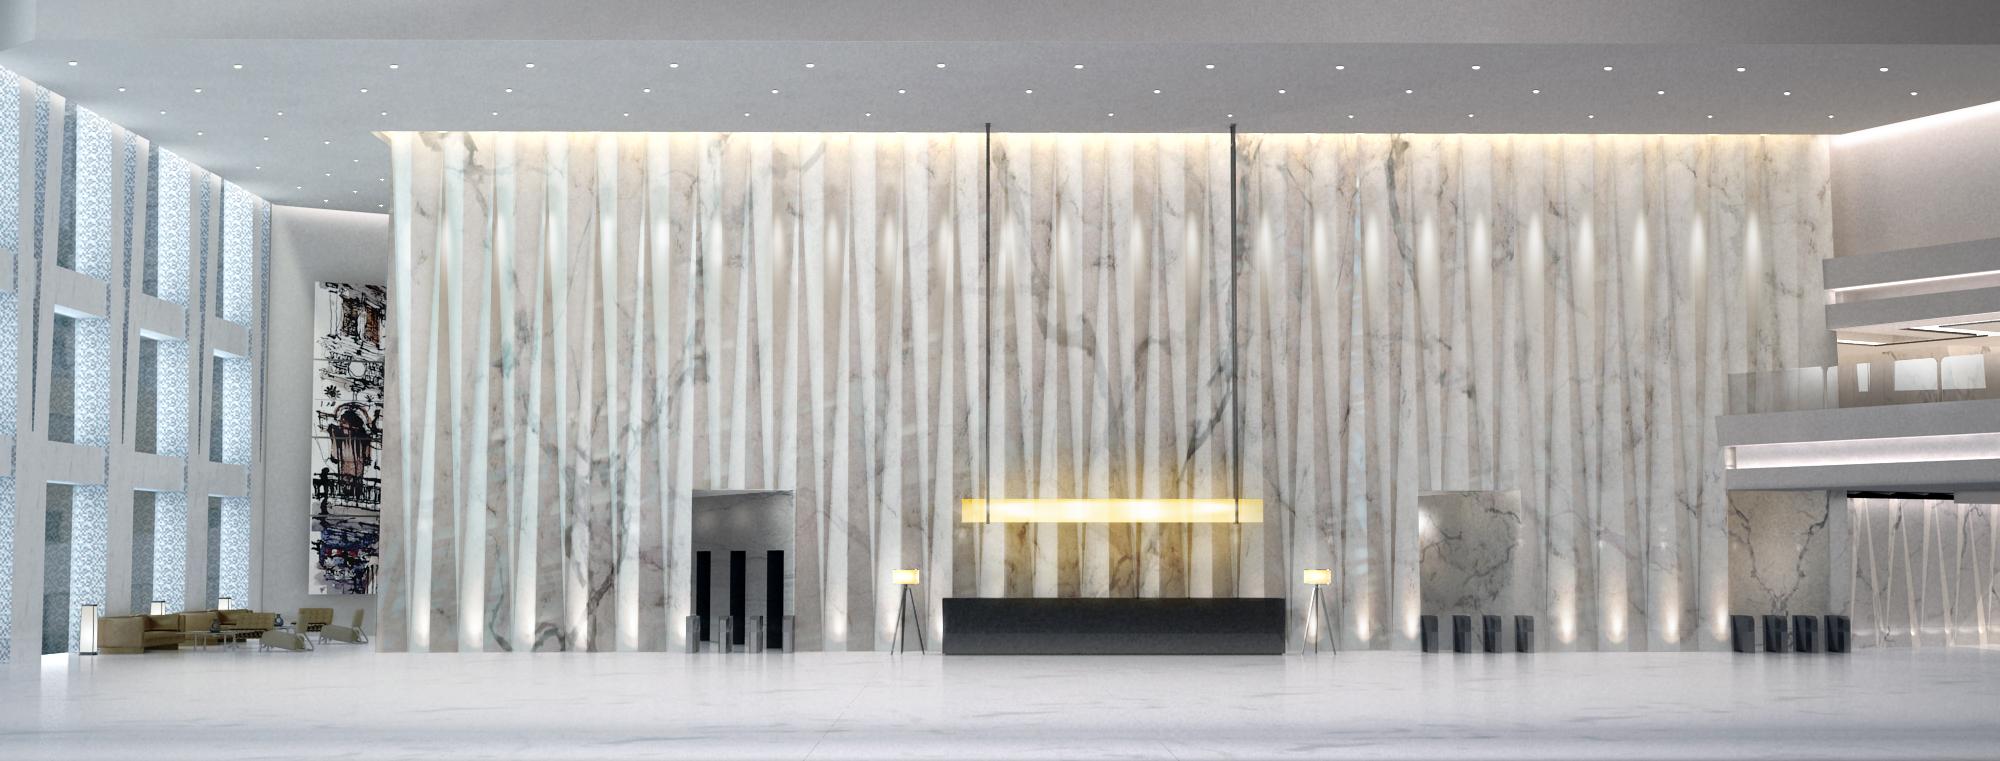 天津开发区 办公大堂|空间|建筑设计|daveli - 原创图片